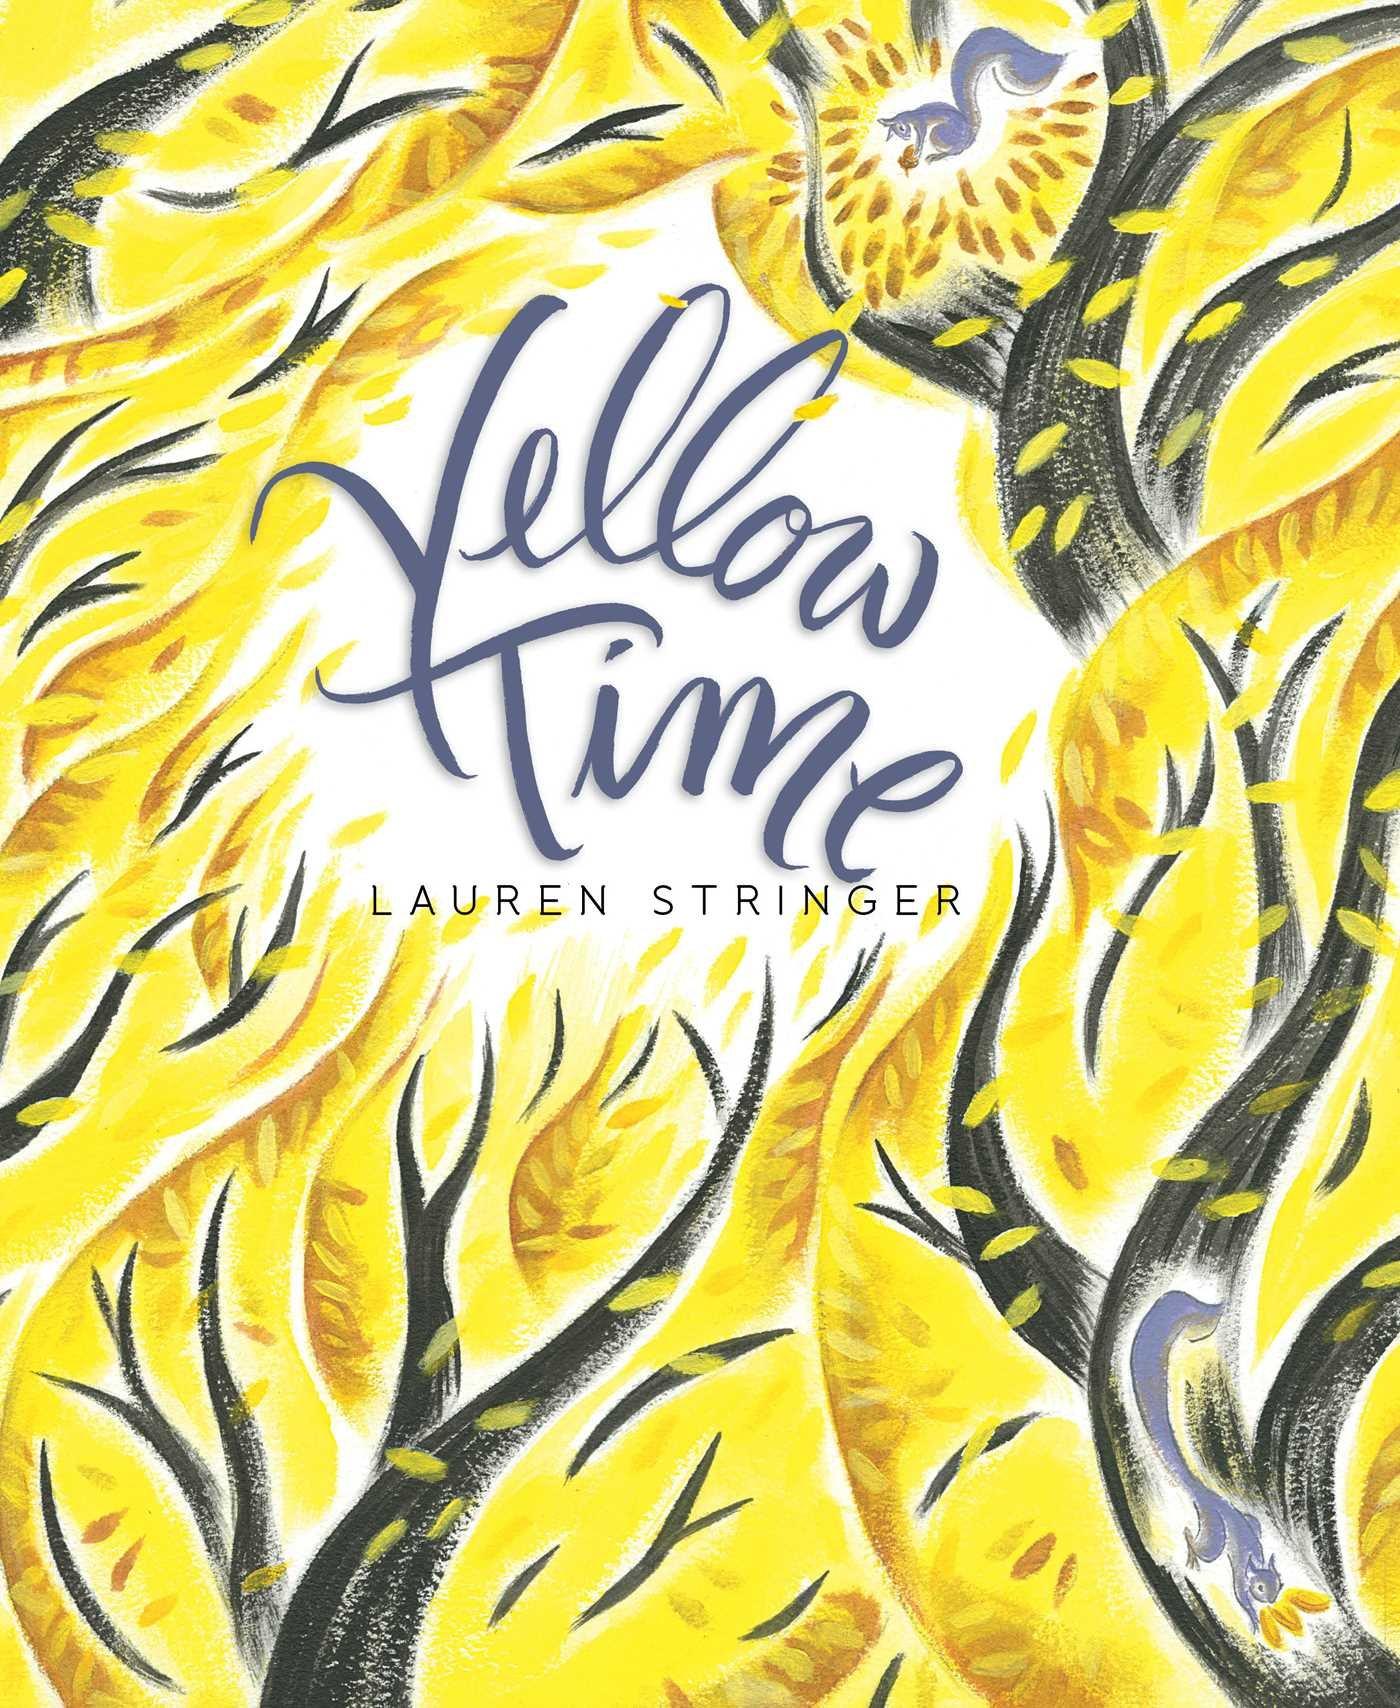 Yellow Time: Stringer, Lauren, Stringer, Lauren: 9781481431569: Amazon.com:  Books